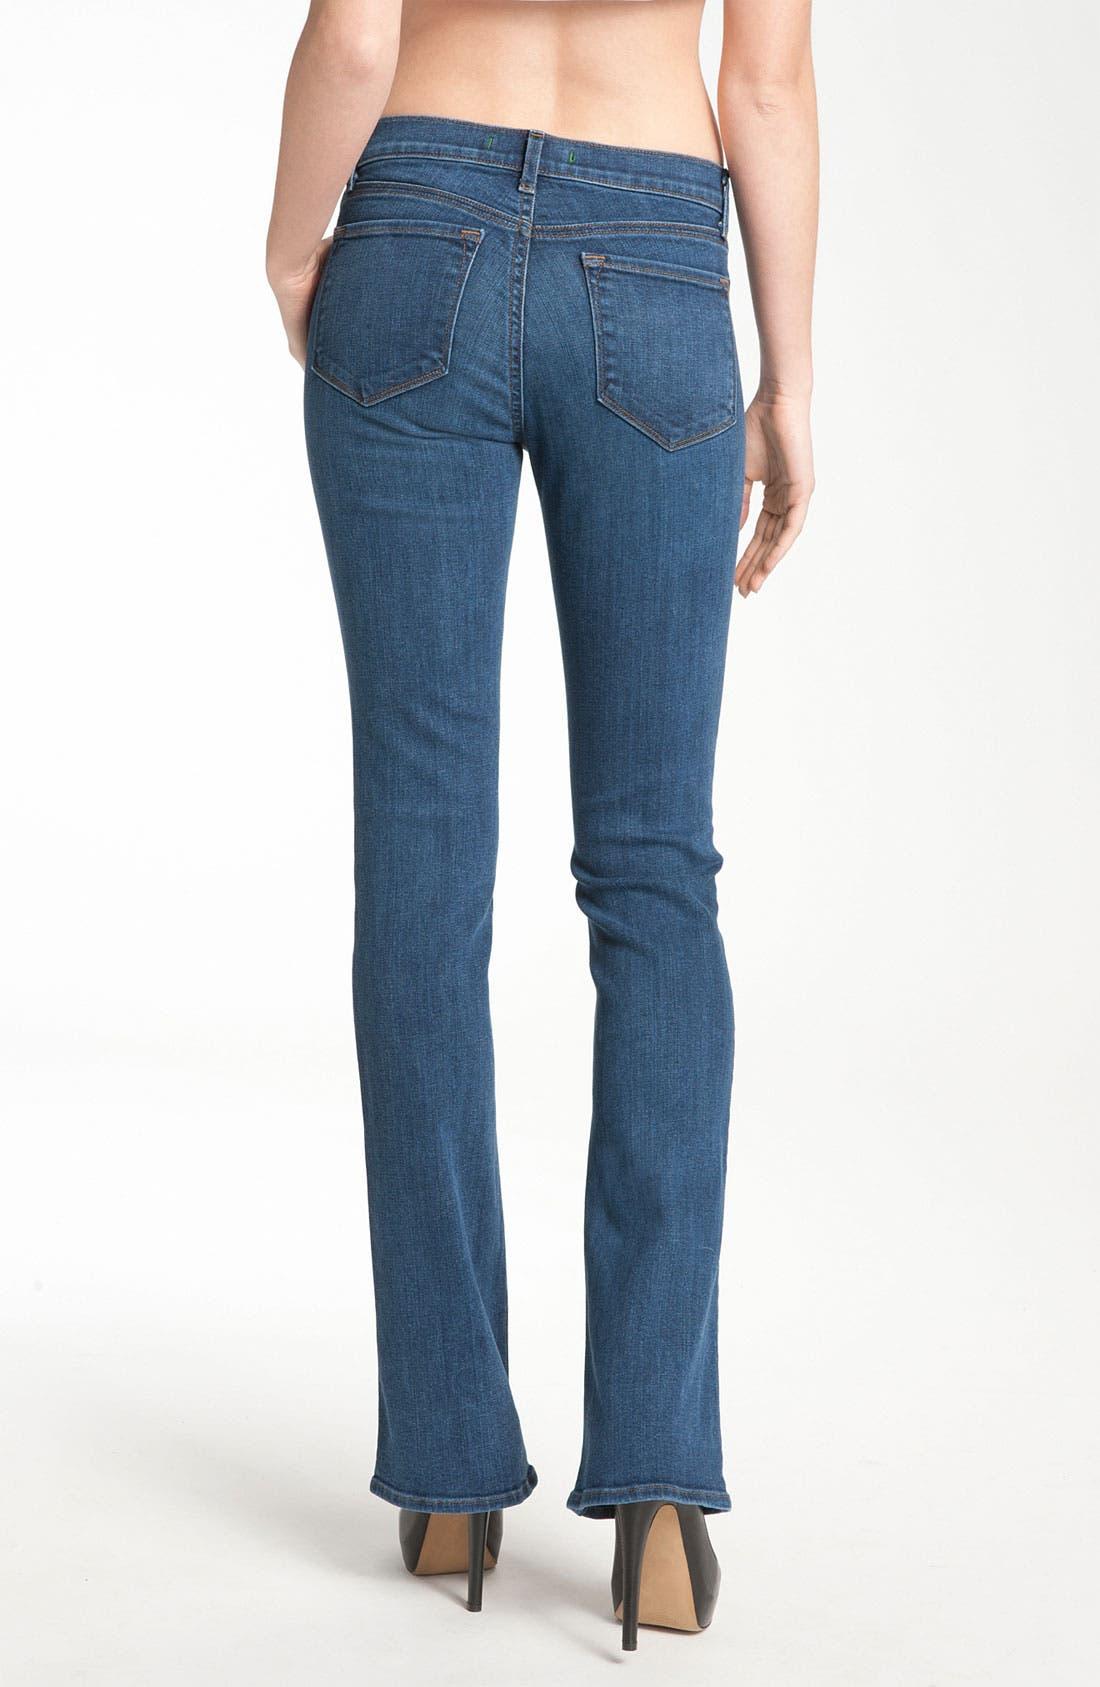 Alternate Image 3  - J Brand 'Janey' Super Slim Bootcut Jeans (Bluebell Wash)